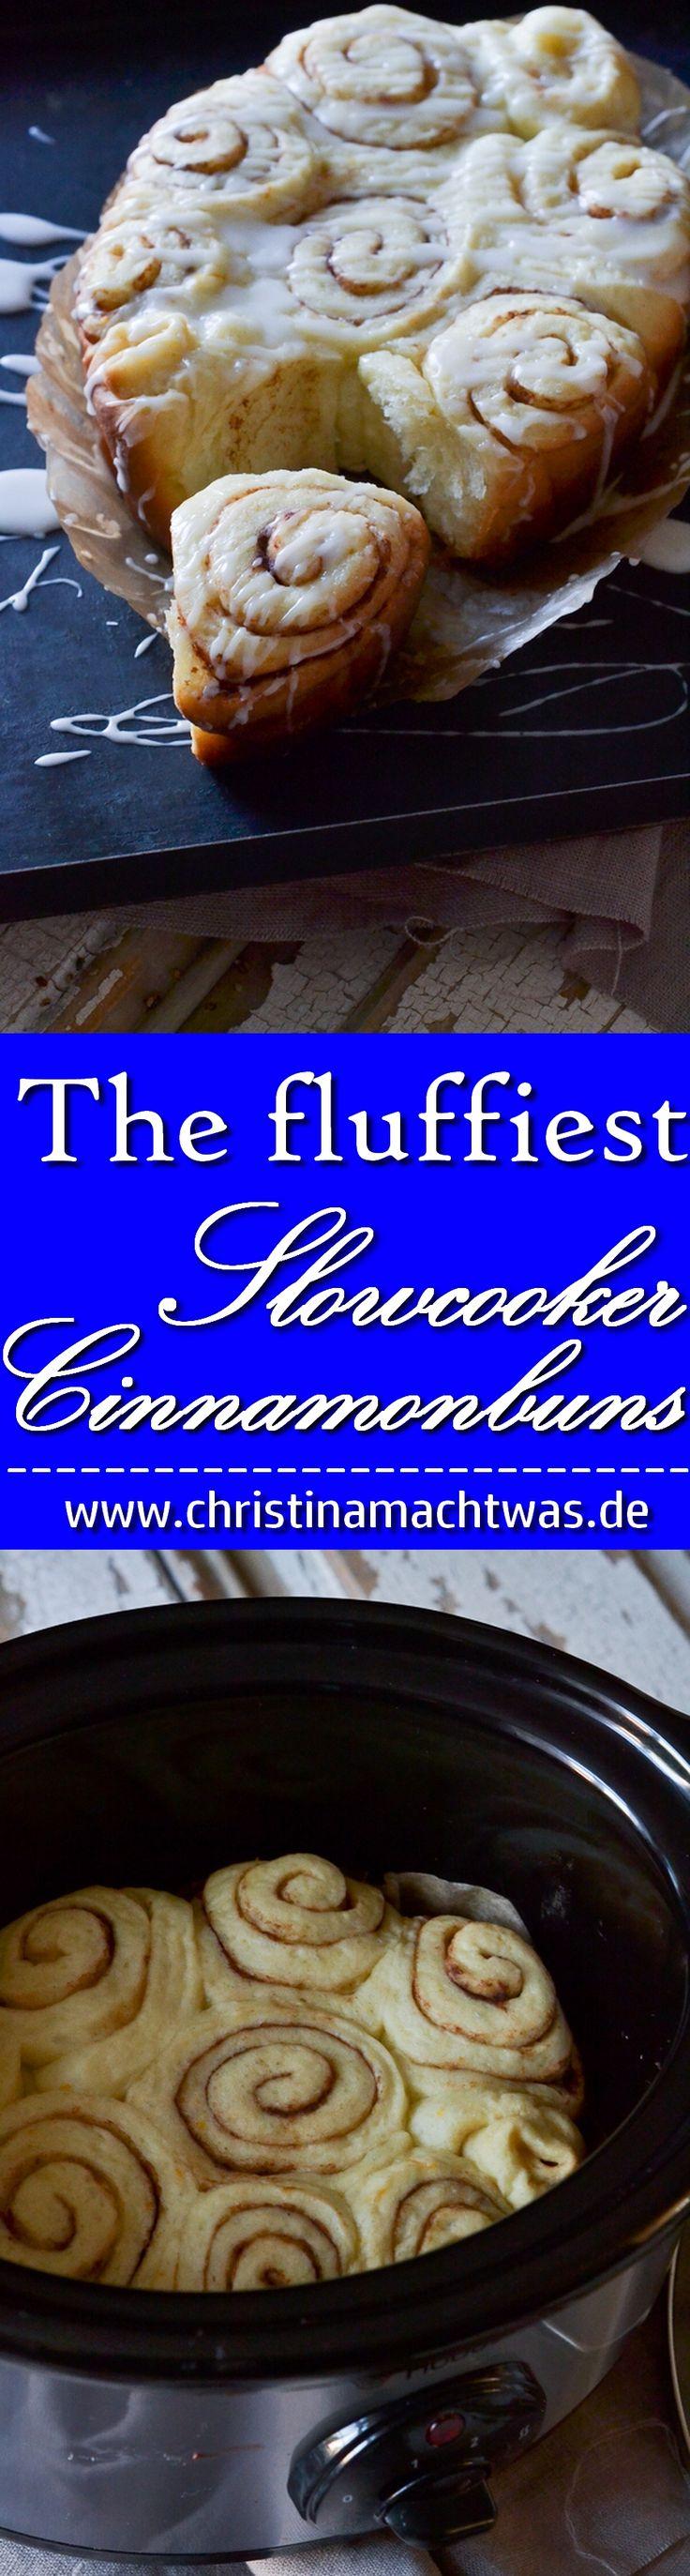 Die fluffigsten Slowcooker Zimtschnecken die ihr je essen werdet. Himmlisch wie eine Wolke und einfach nur aromatisch. _____________________________ The best and fluffiest Slowcooker Cinnamonrolls / Cinnamonbuns you'll ever eat.